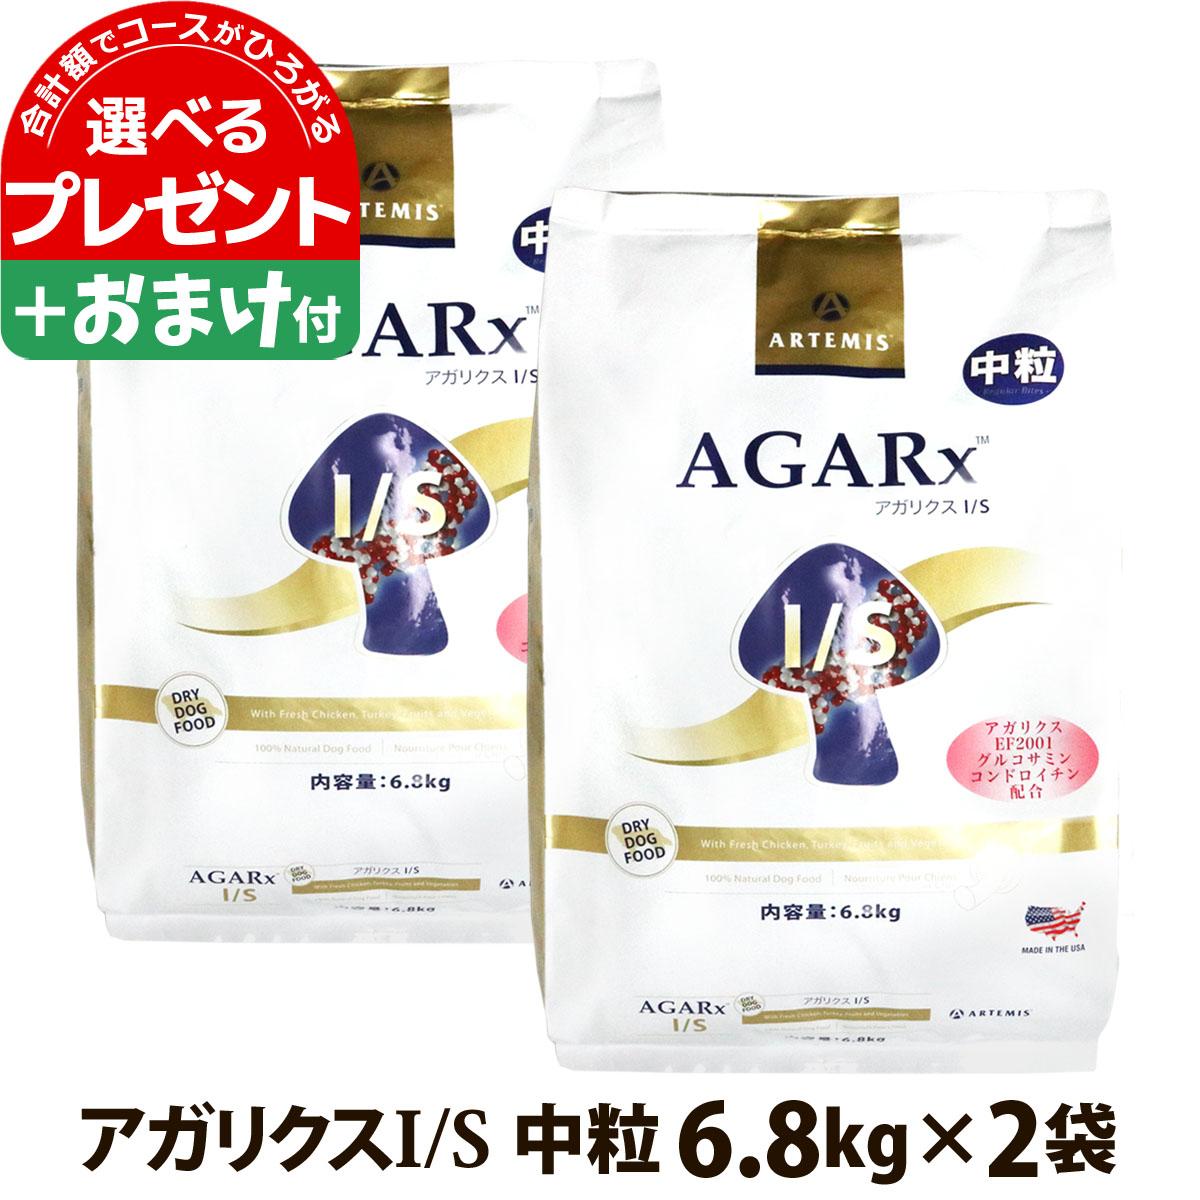 アーテミスアガリクスI/S 中粒6.8kg×2個 +乳酸菌おやつ1個